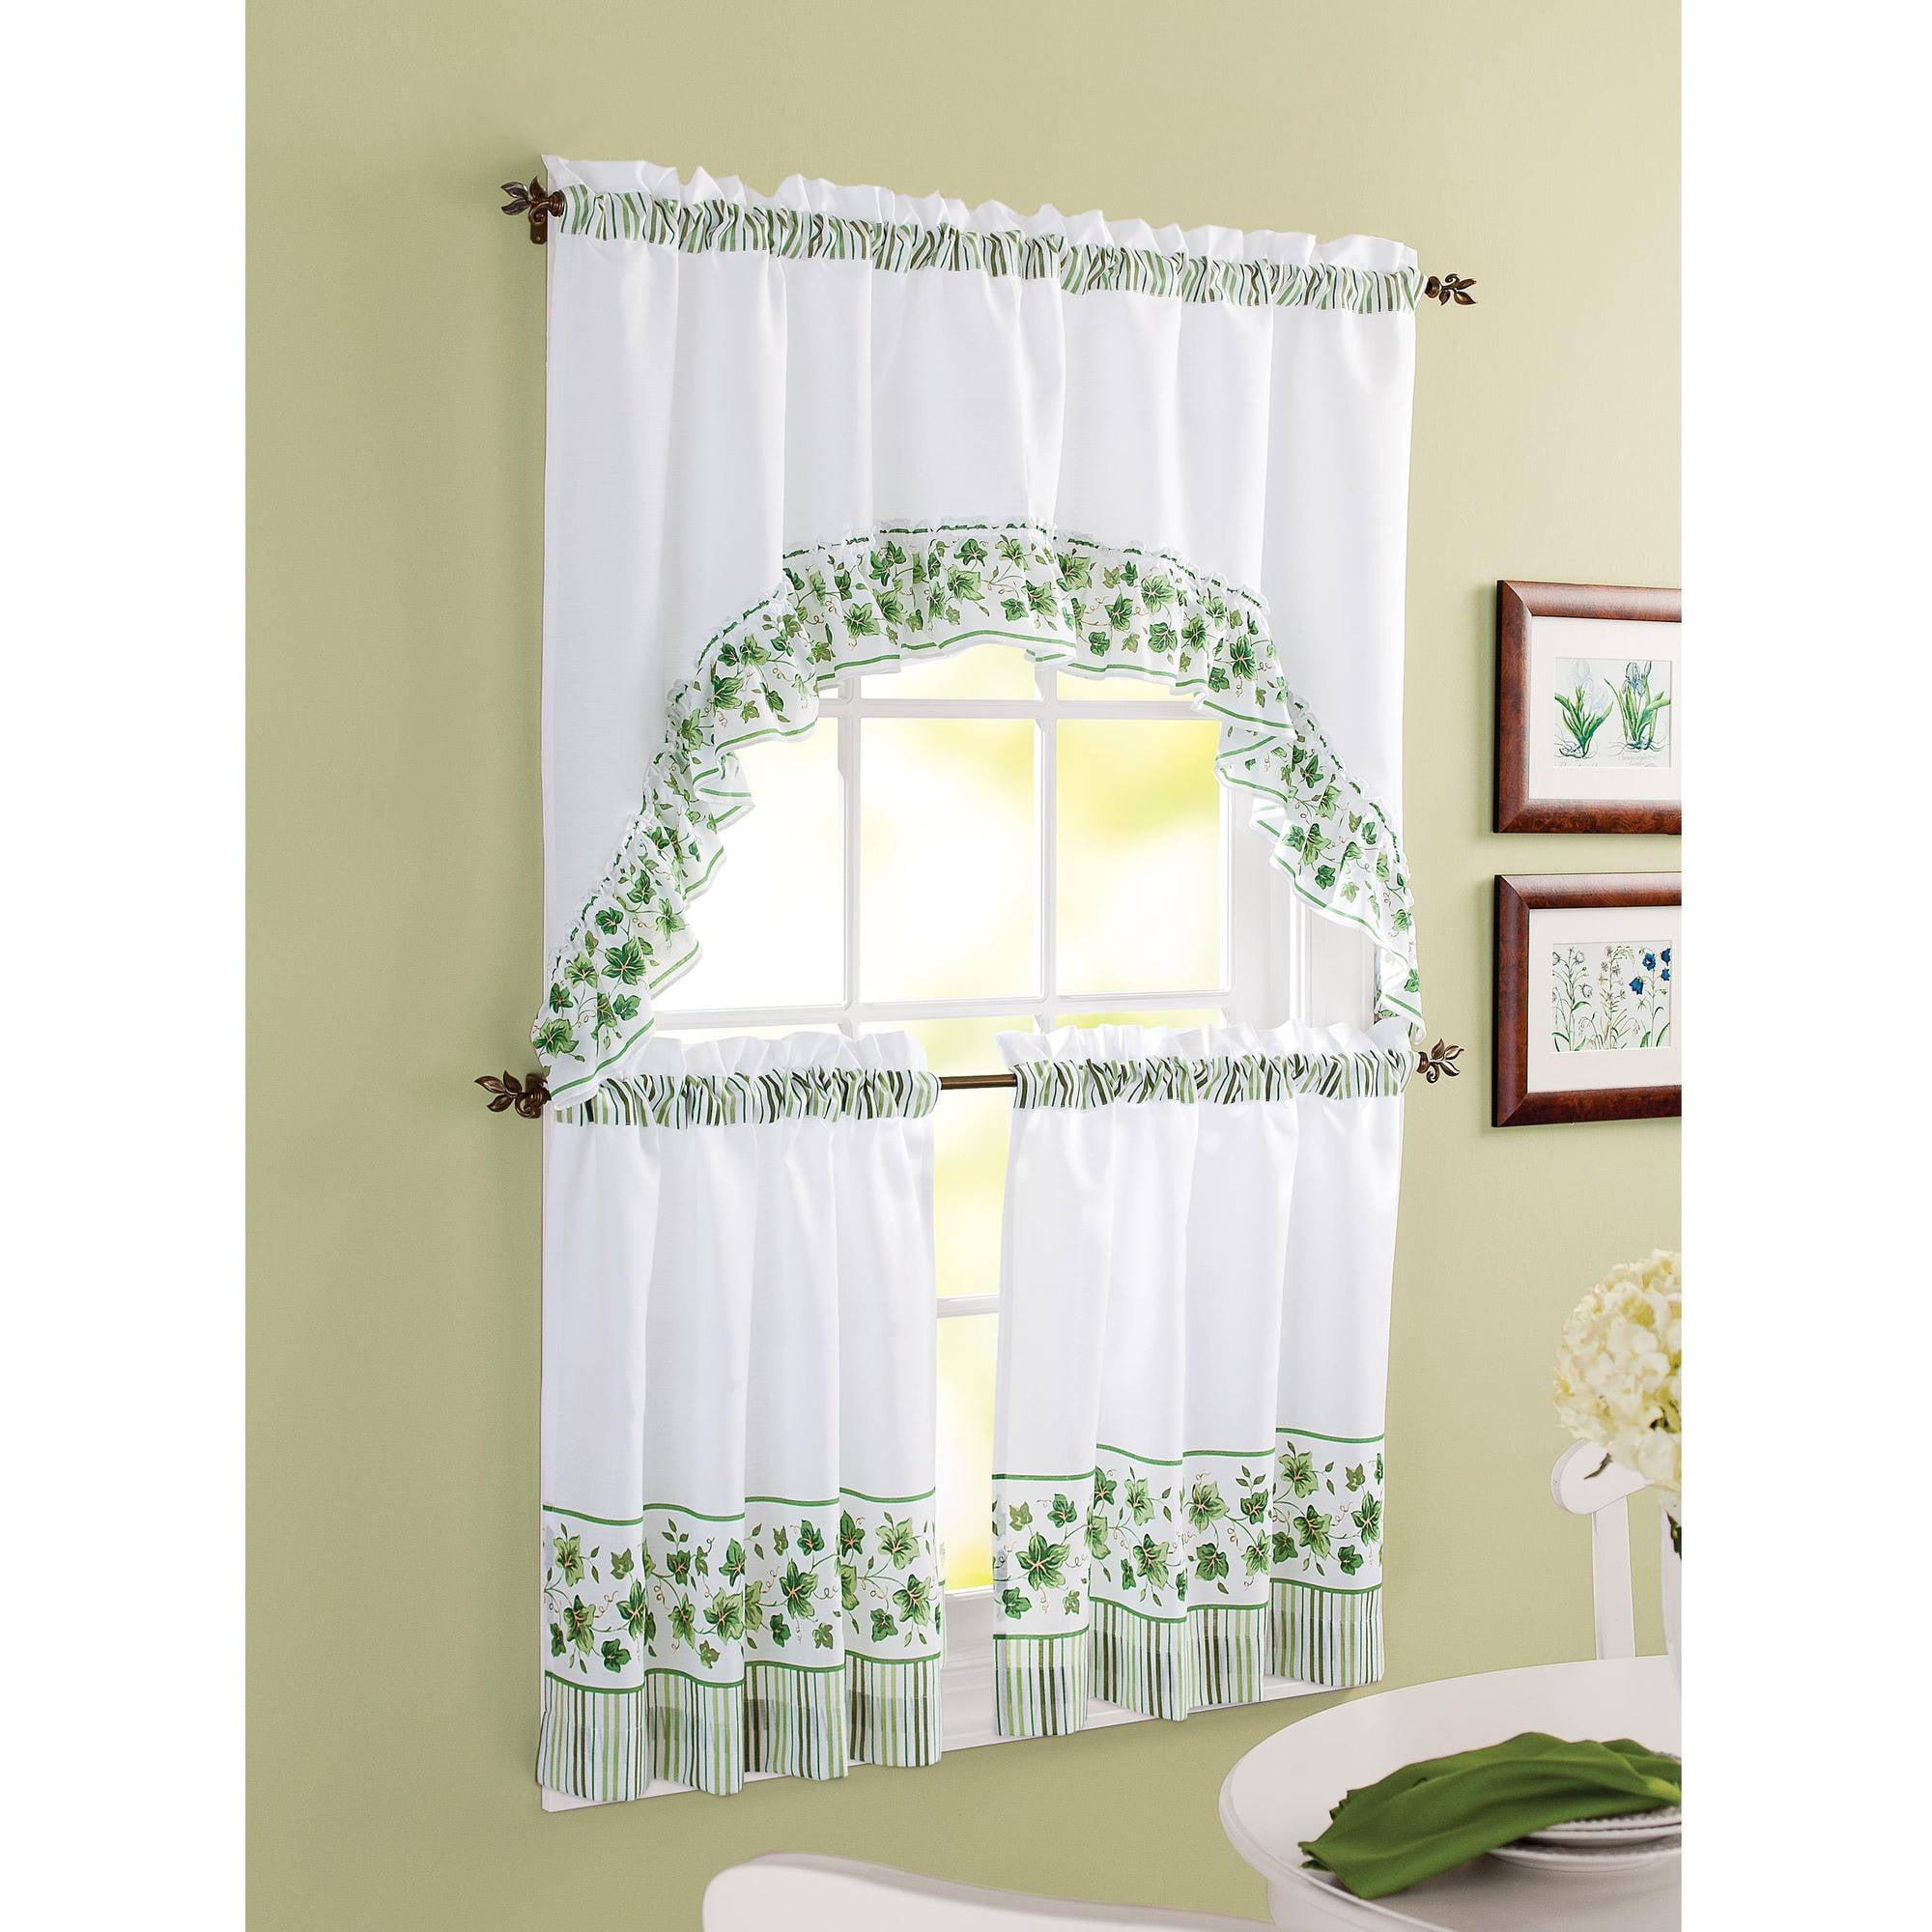 Better Homes & Gardens Ivy Kitchen Curtain Set - Walmart